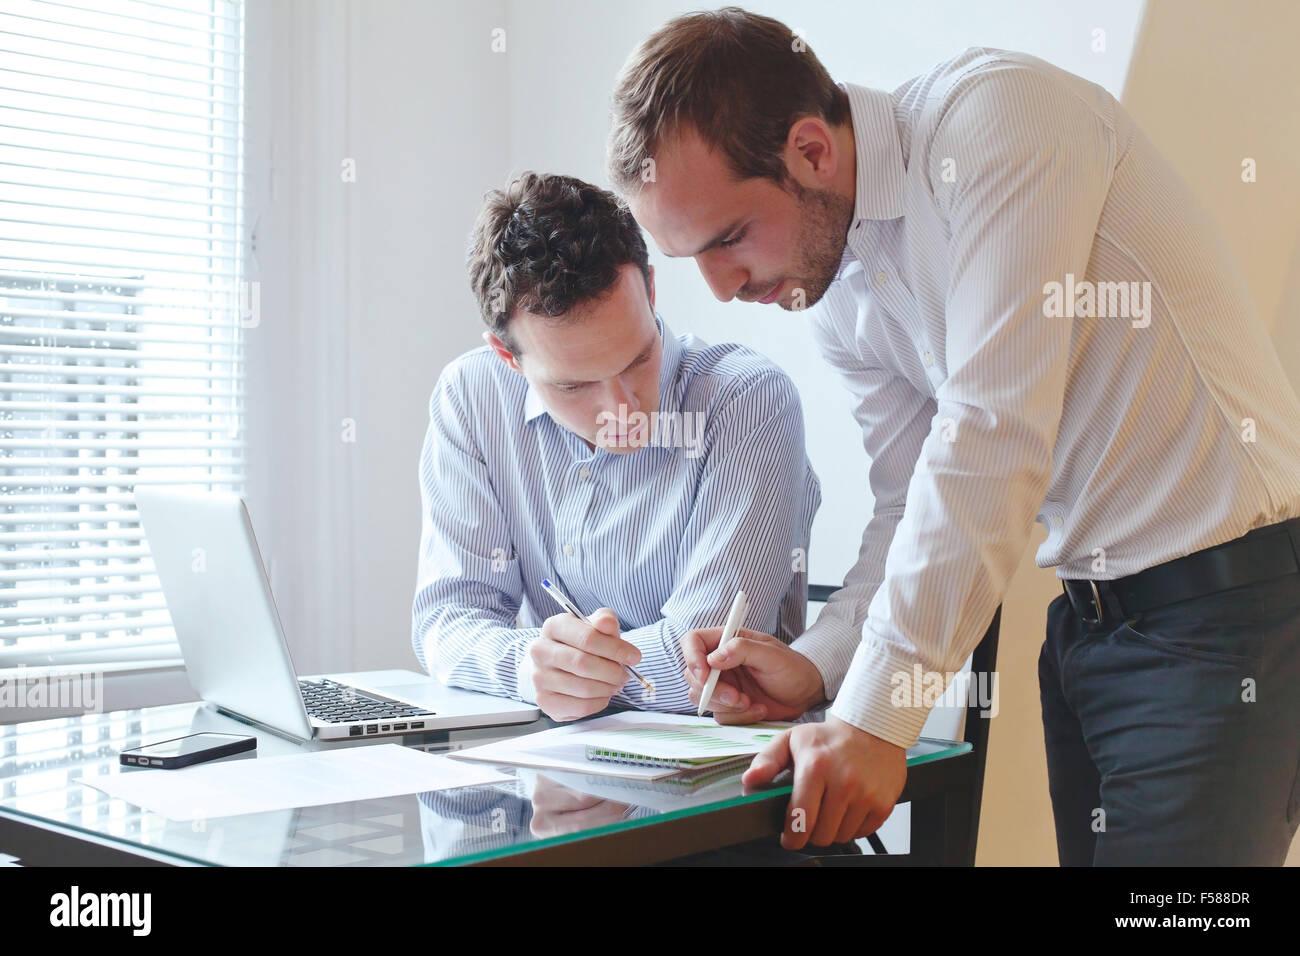 Teamarbeit, zwei Geschäftsleute arbeiten im Büro Stockbild